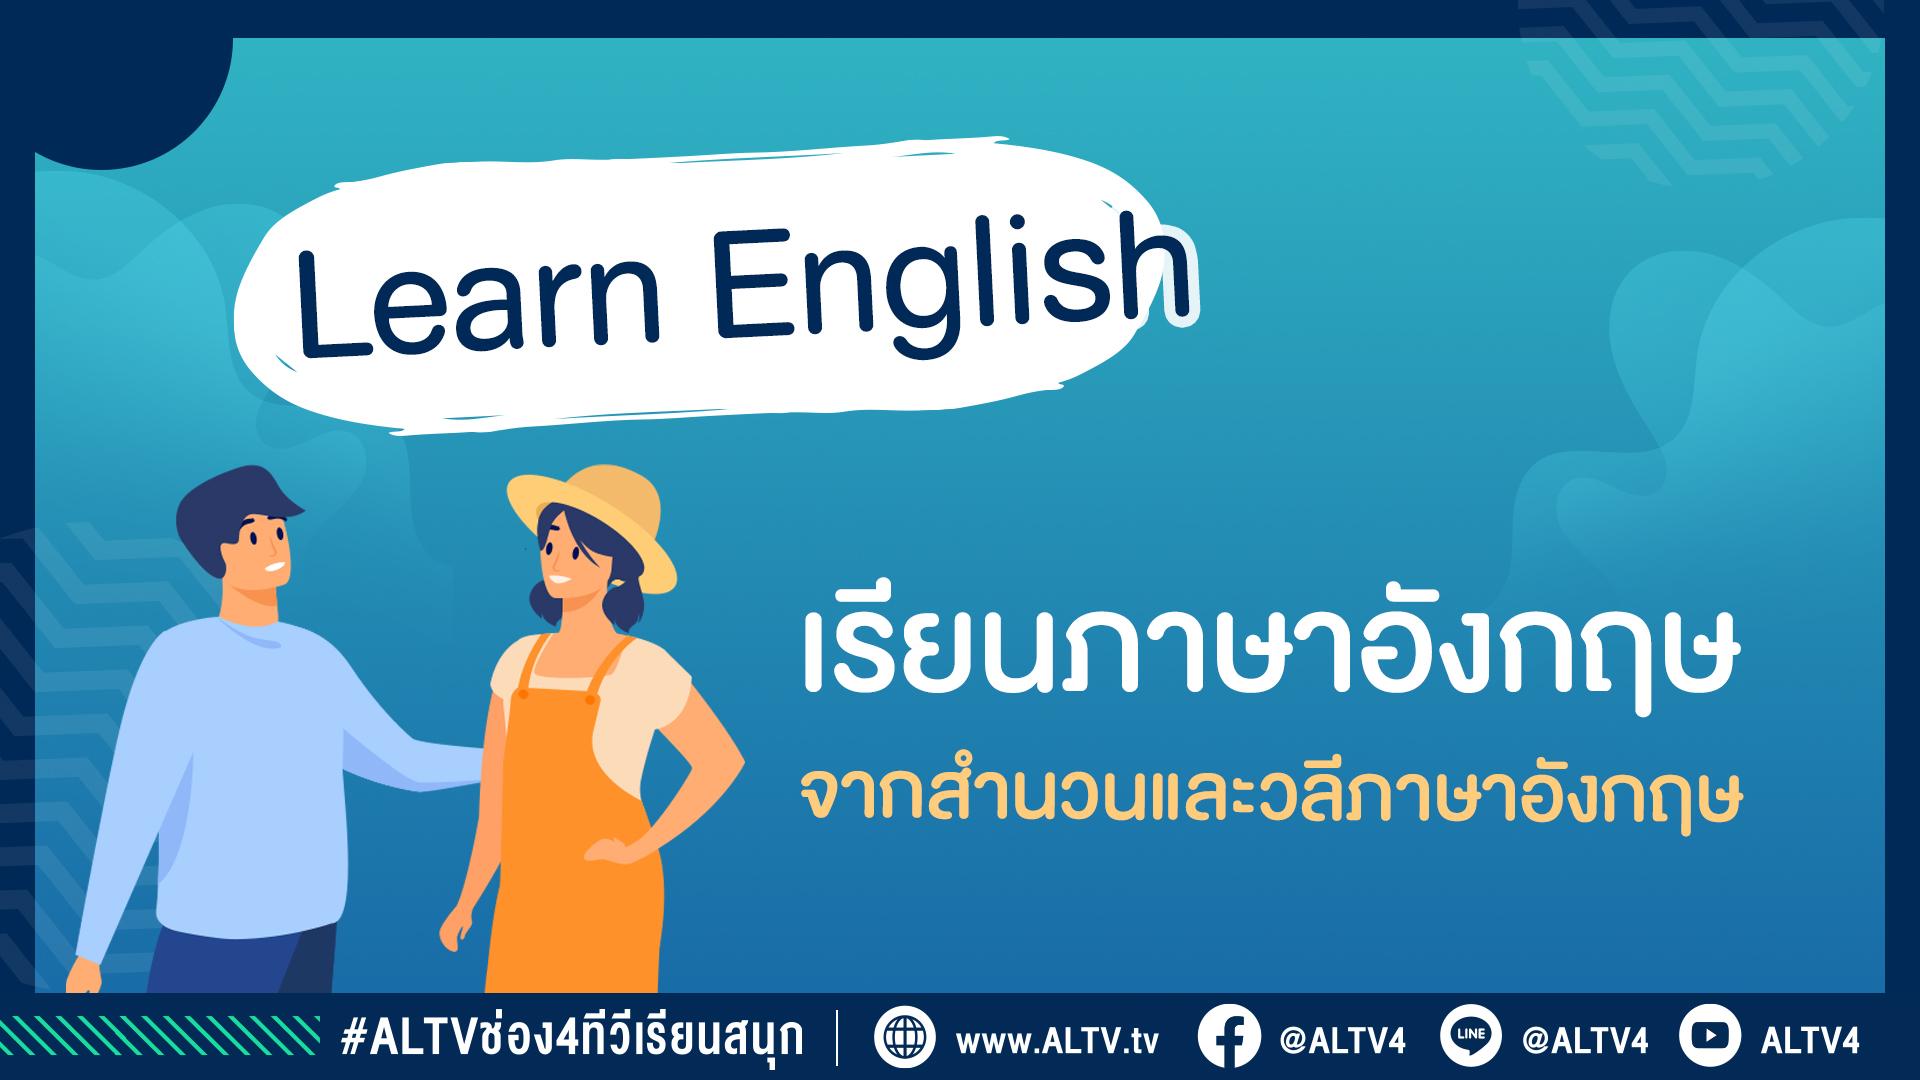 Learn English จากสำนวนและวลีภาษาอังกฤษ